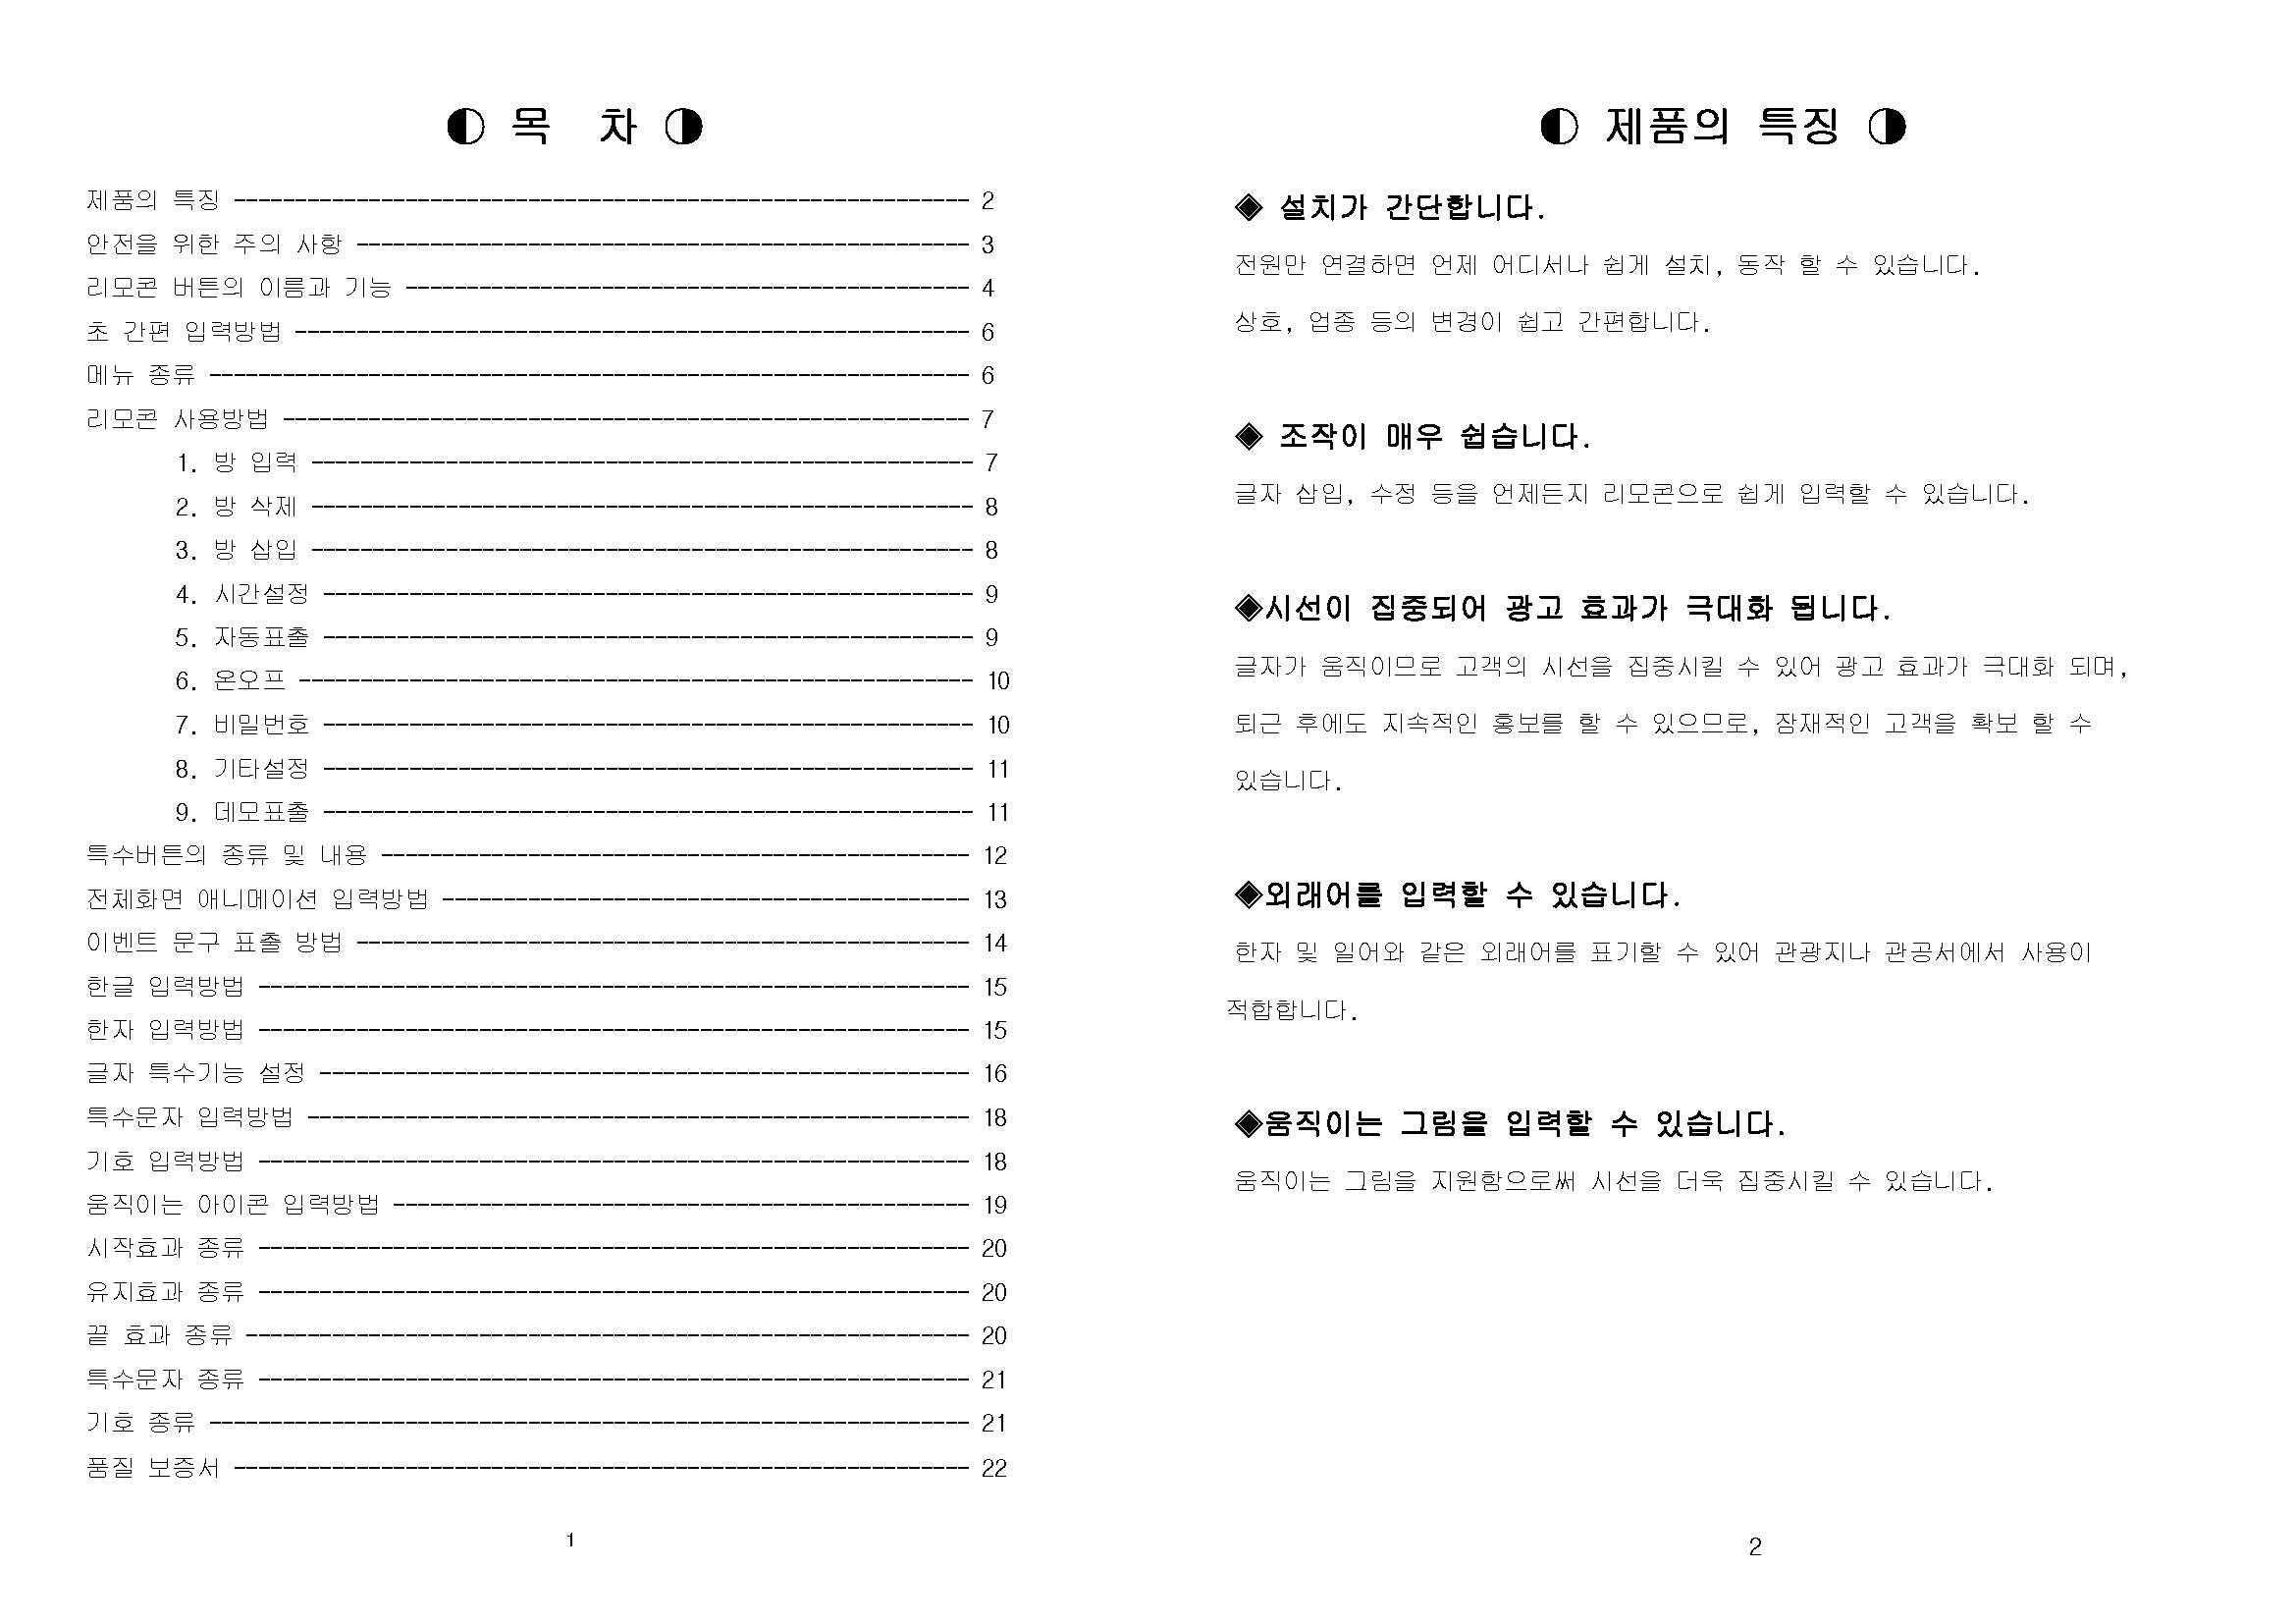 리모콘설명서_페이지_02.jpg